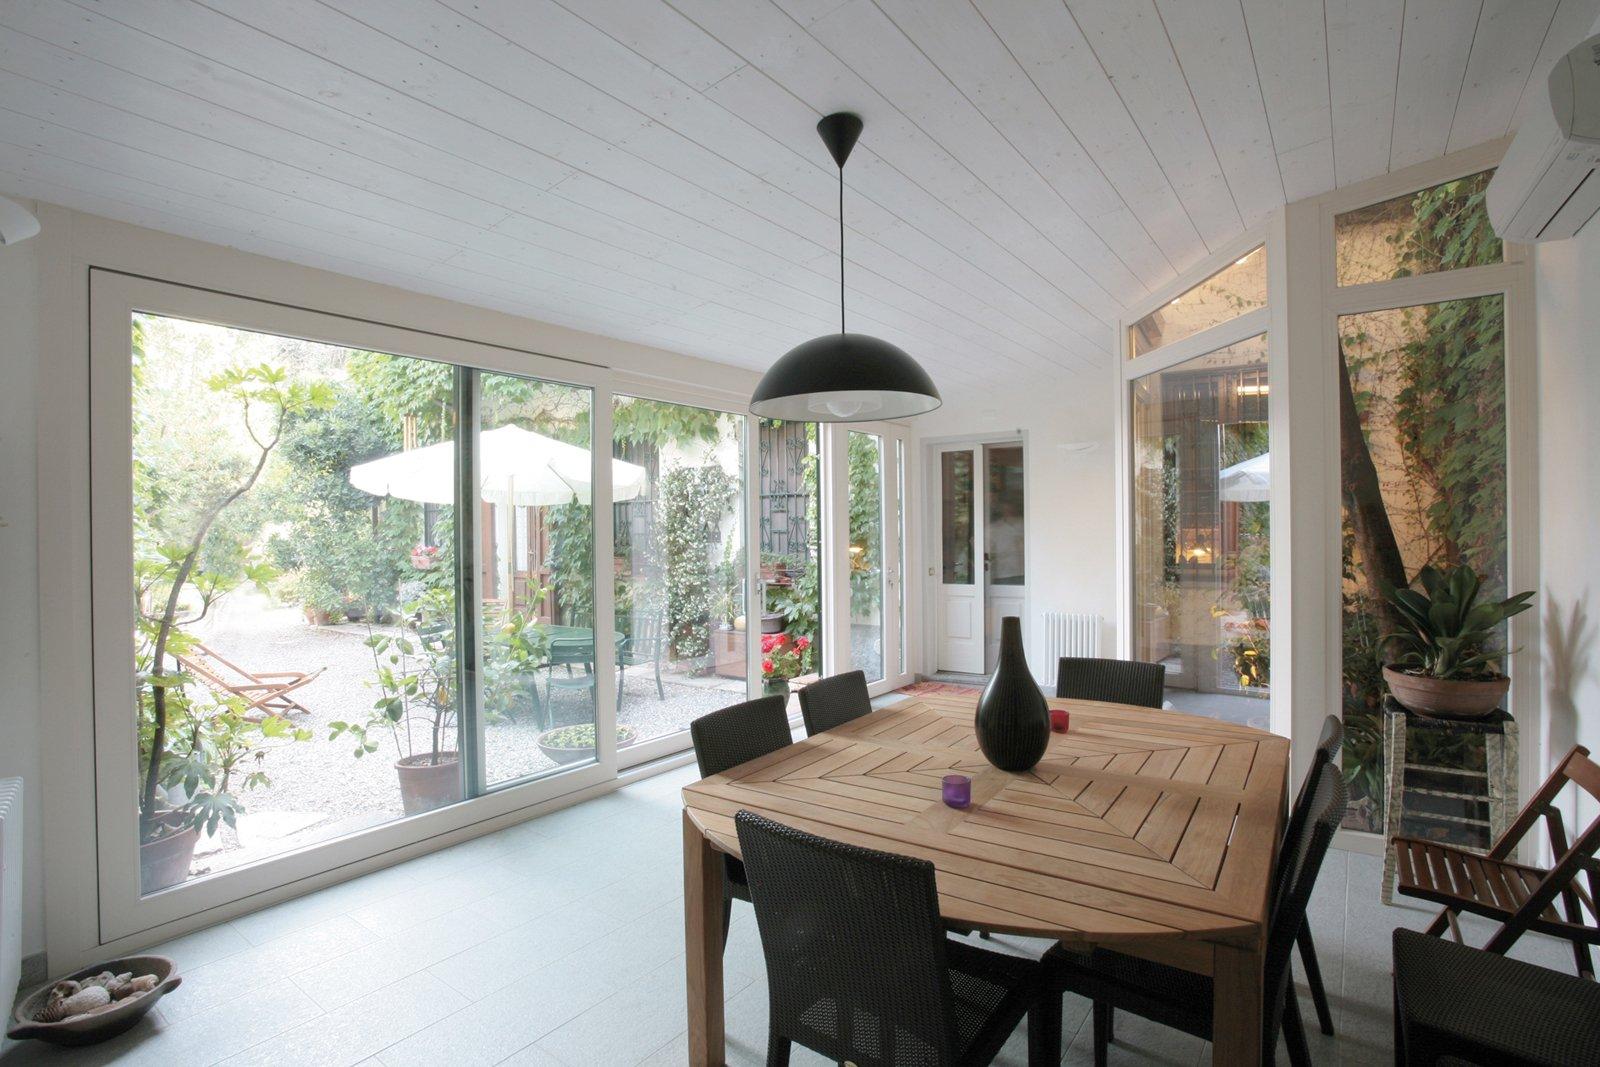 Finestra quale materiale preferire cose di casa - Soglie per finestre ...